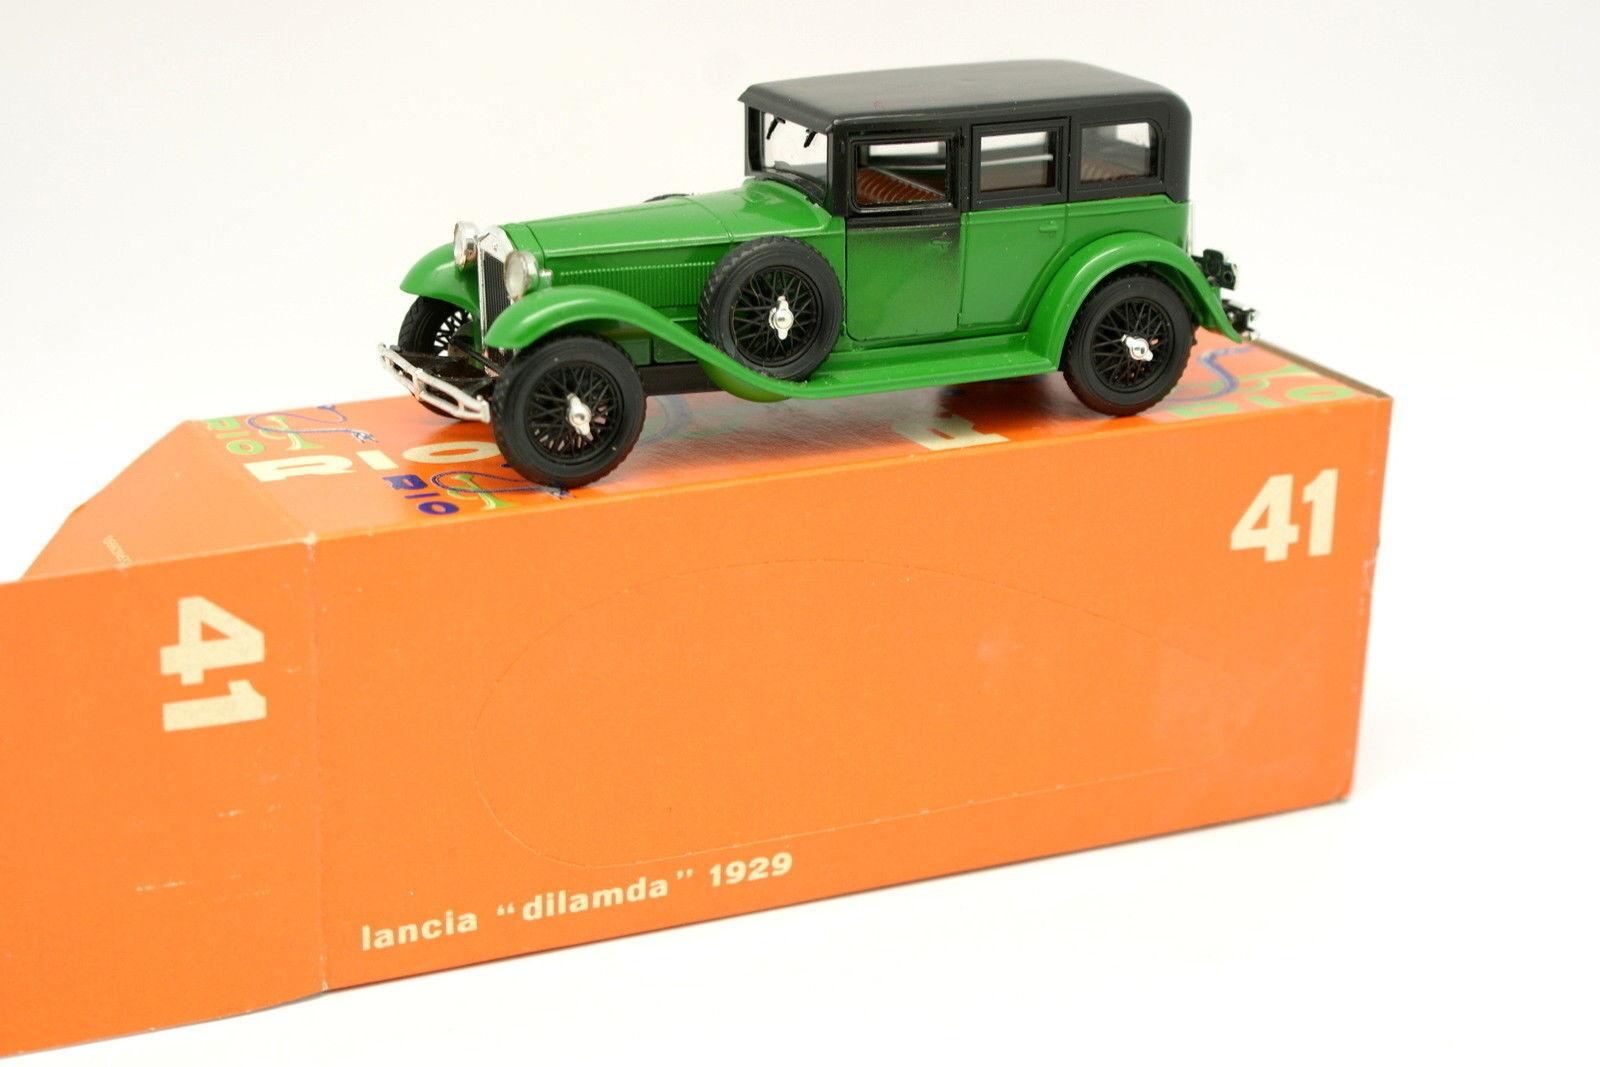 RIO 1 43 - Lancia Dilamda 1929 51